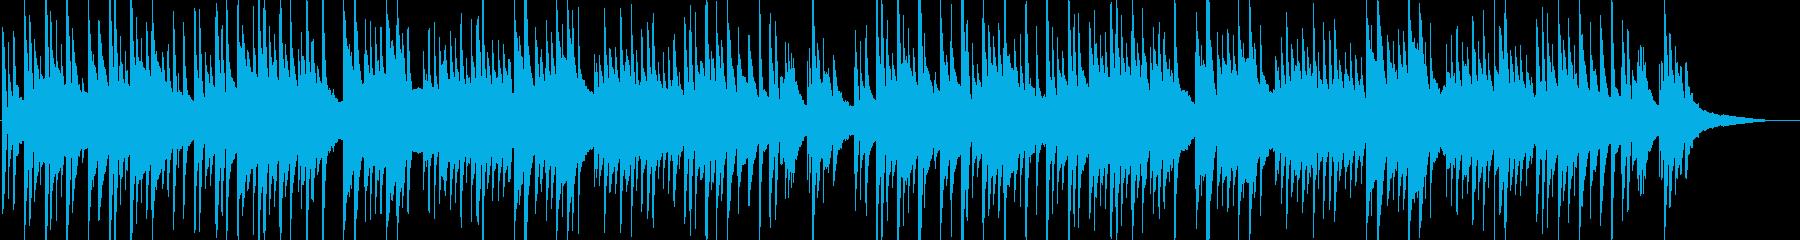 穏やか・安らぎ・癒しのハープソロBGM2の再生済みの波形